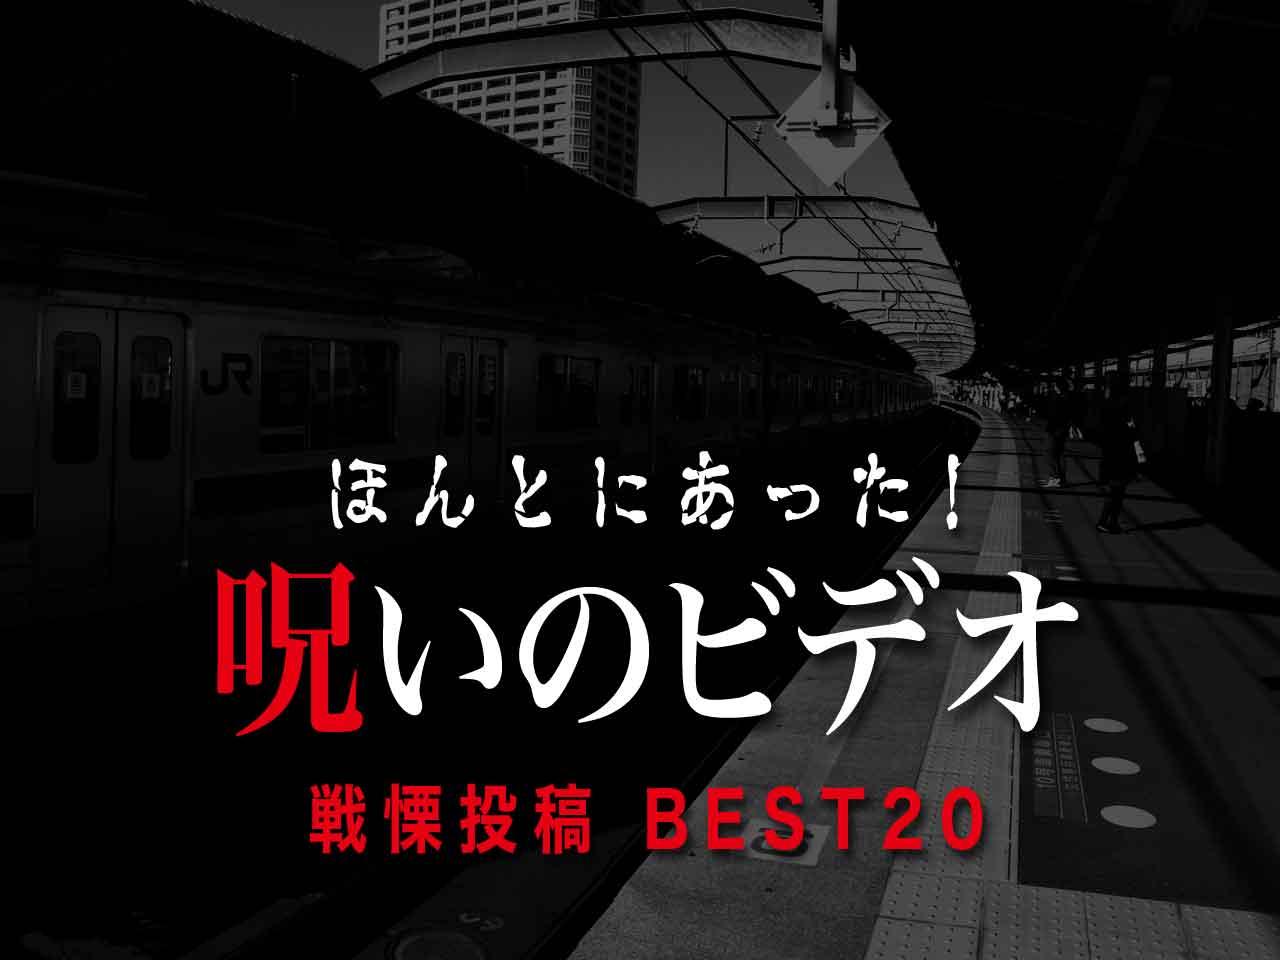 eye_catch_noro_-best20